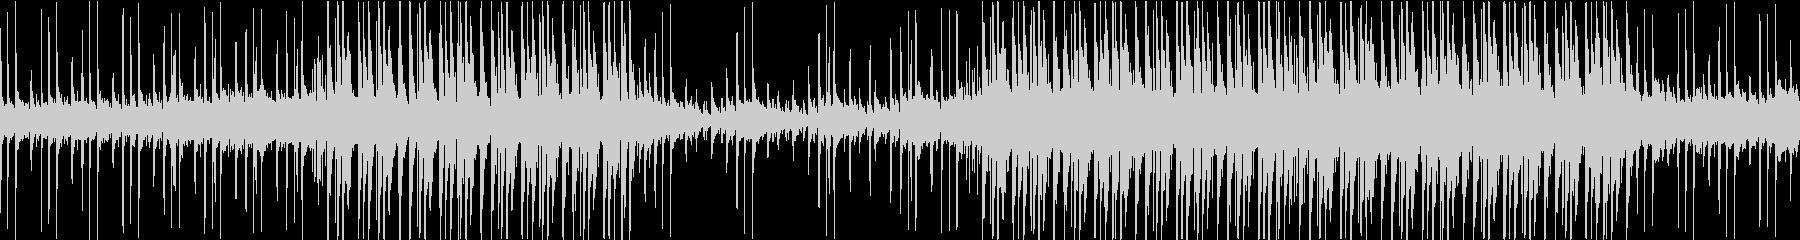 しっとり落ち着いたエレクトロミュージックの未再生の波形